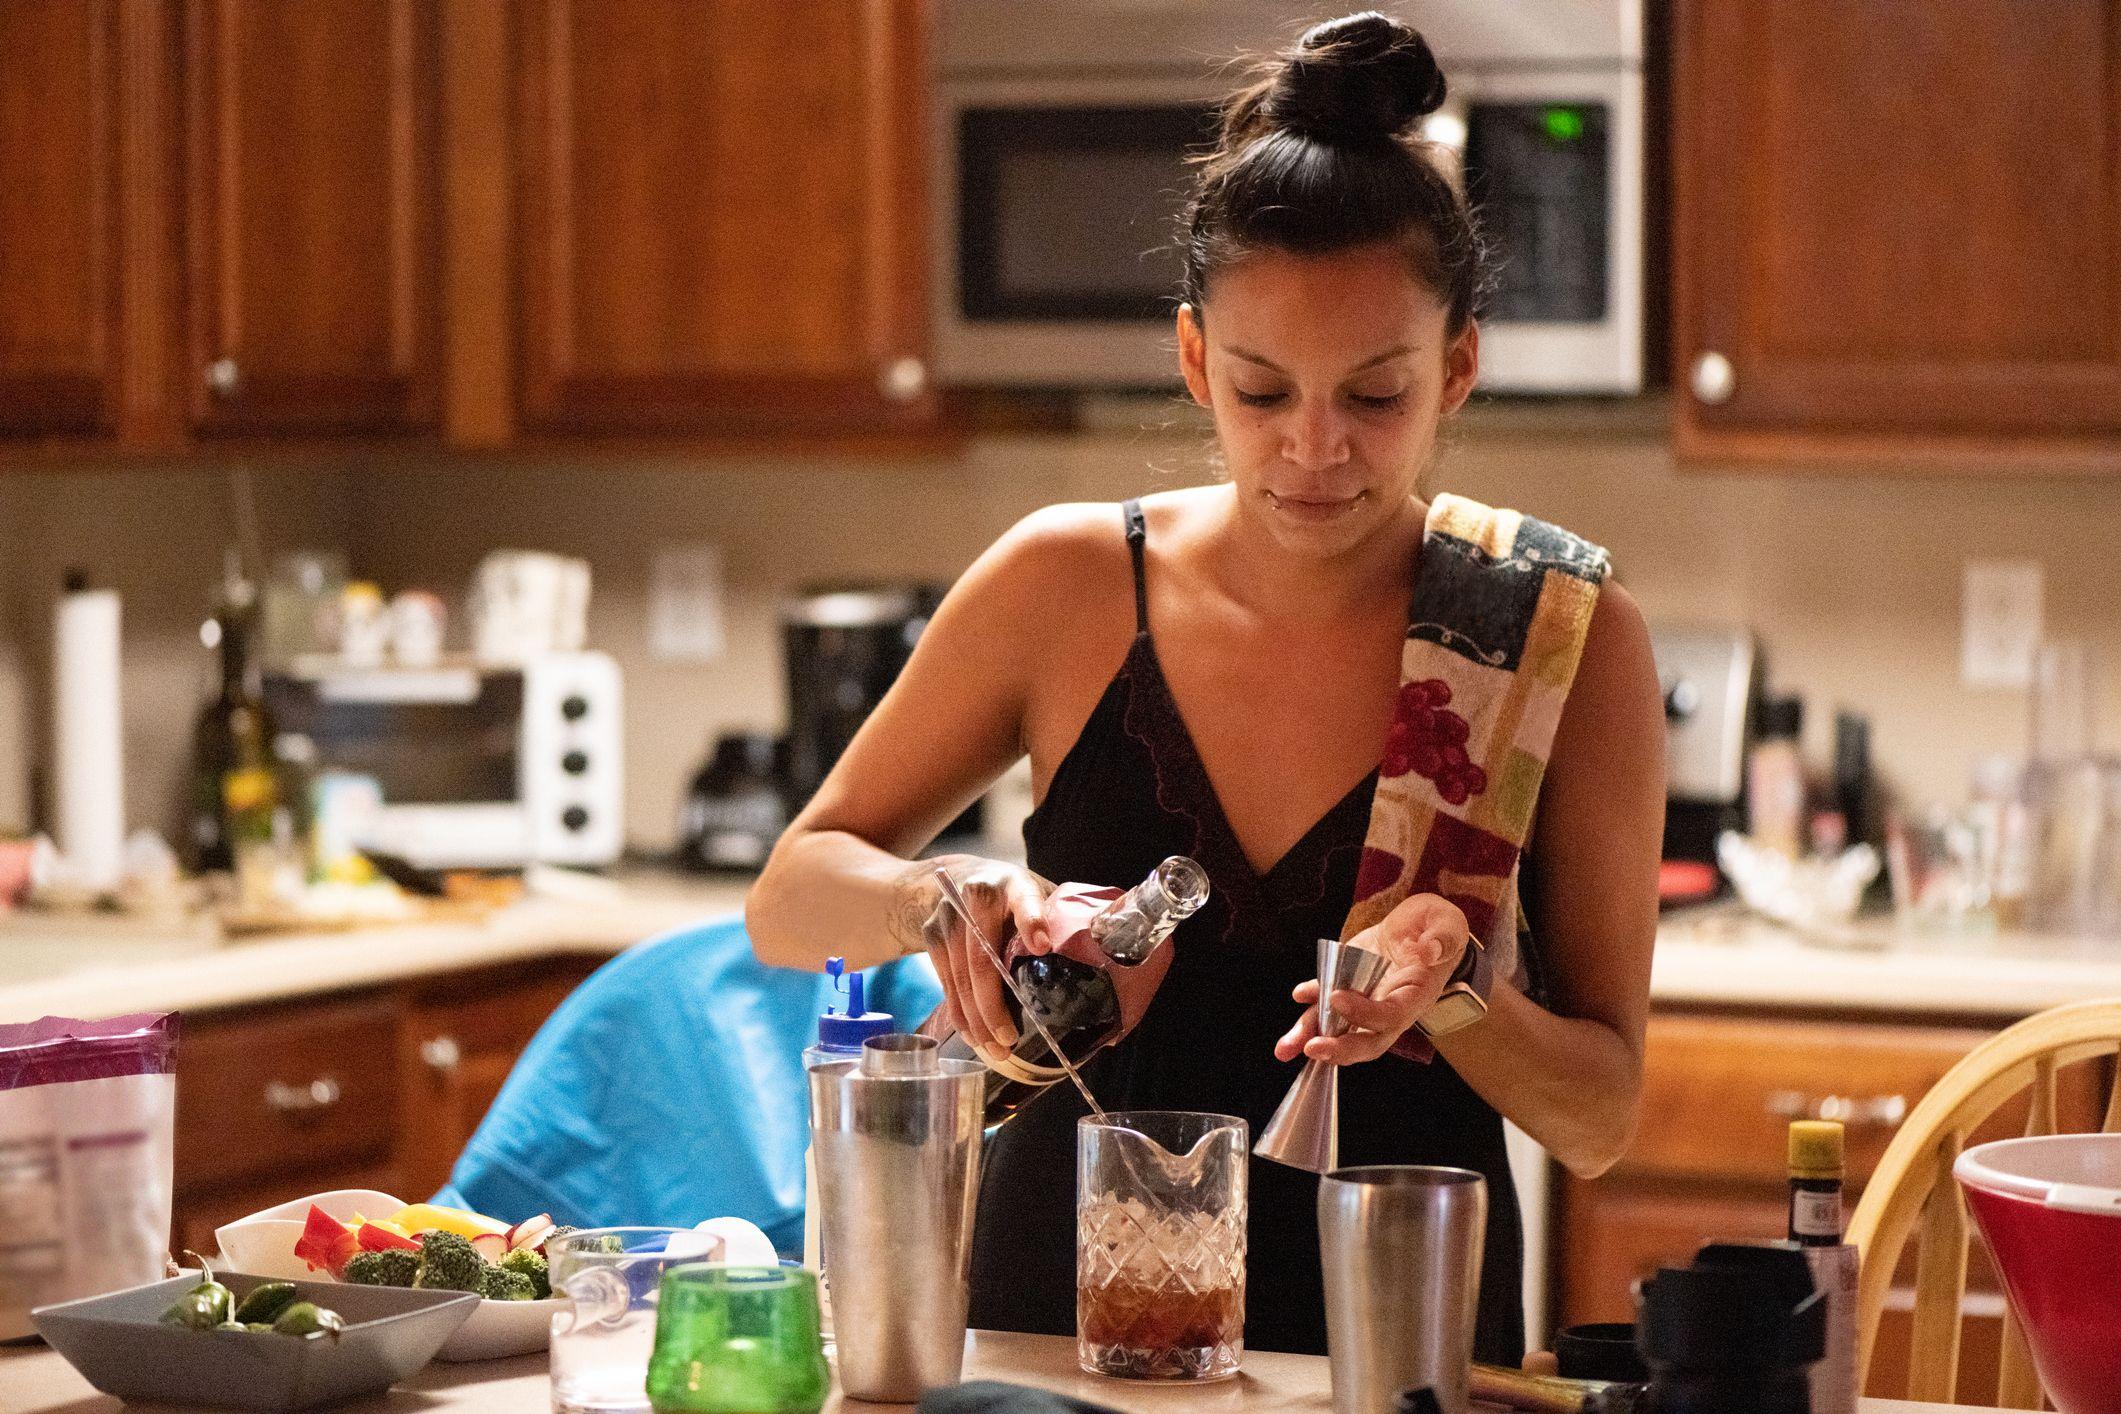 30 ans, femme hispanique barman faire des boissons à la maison en Floride USA